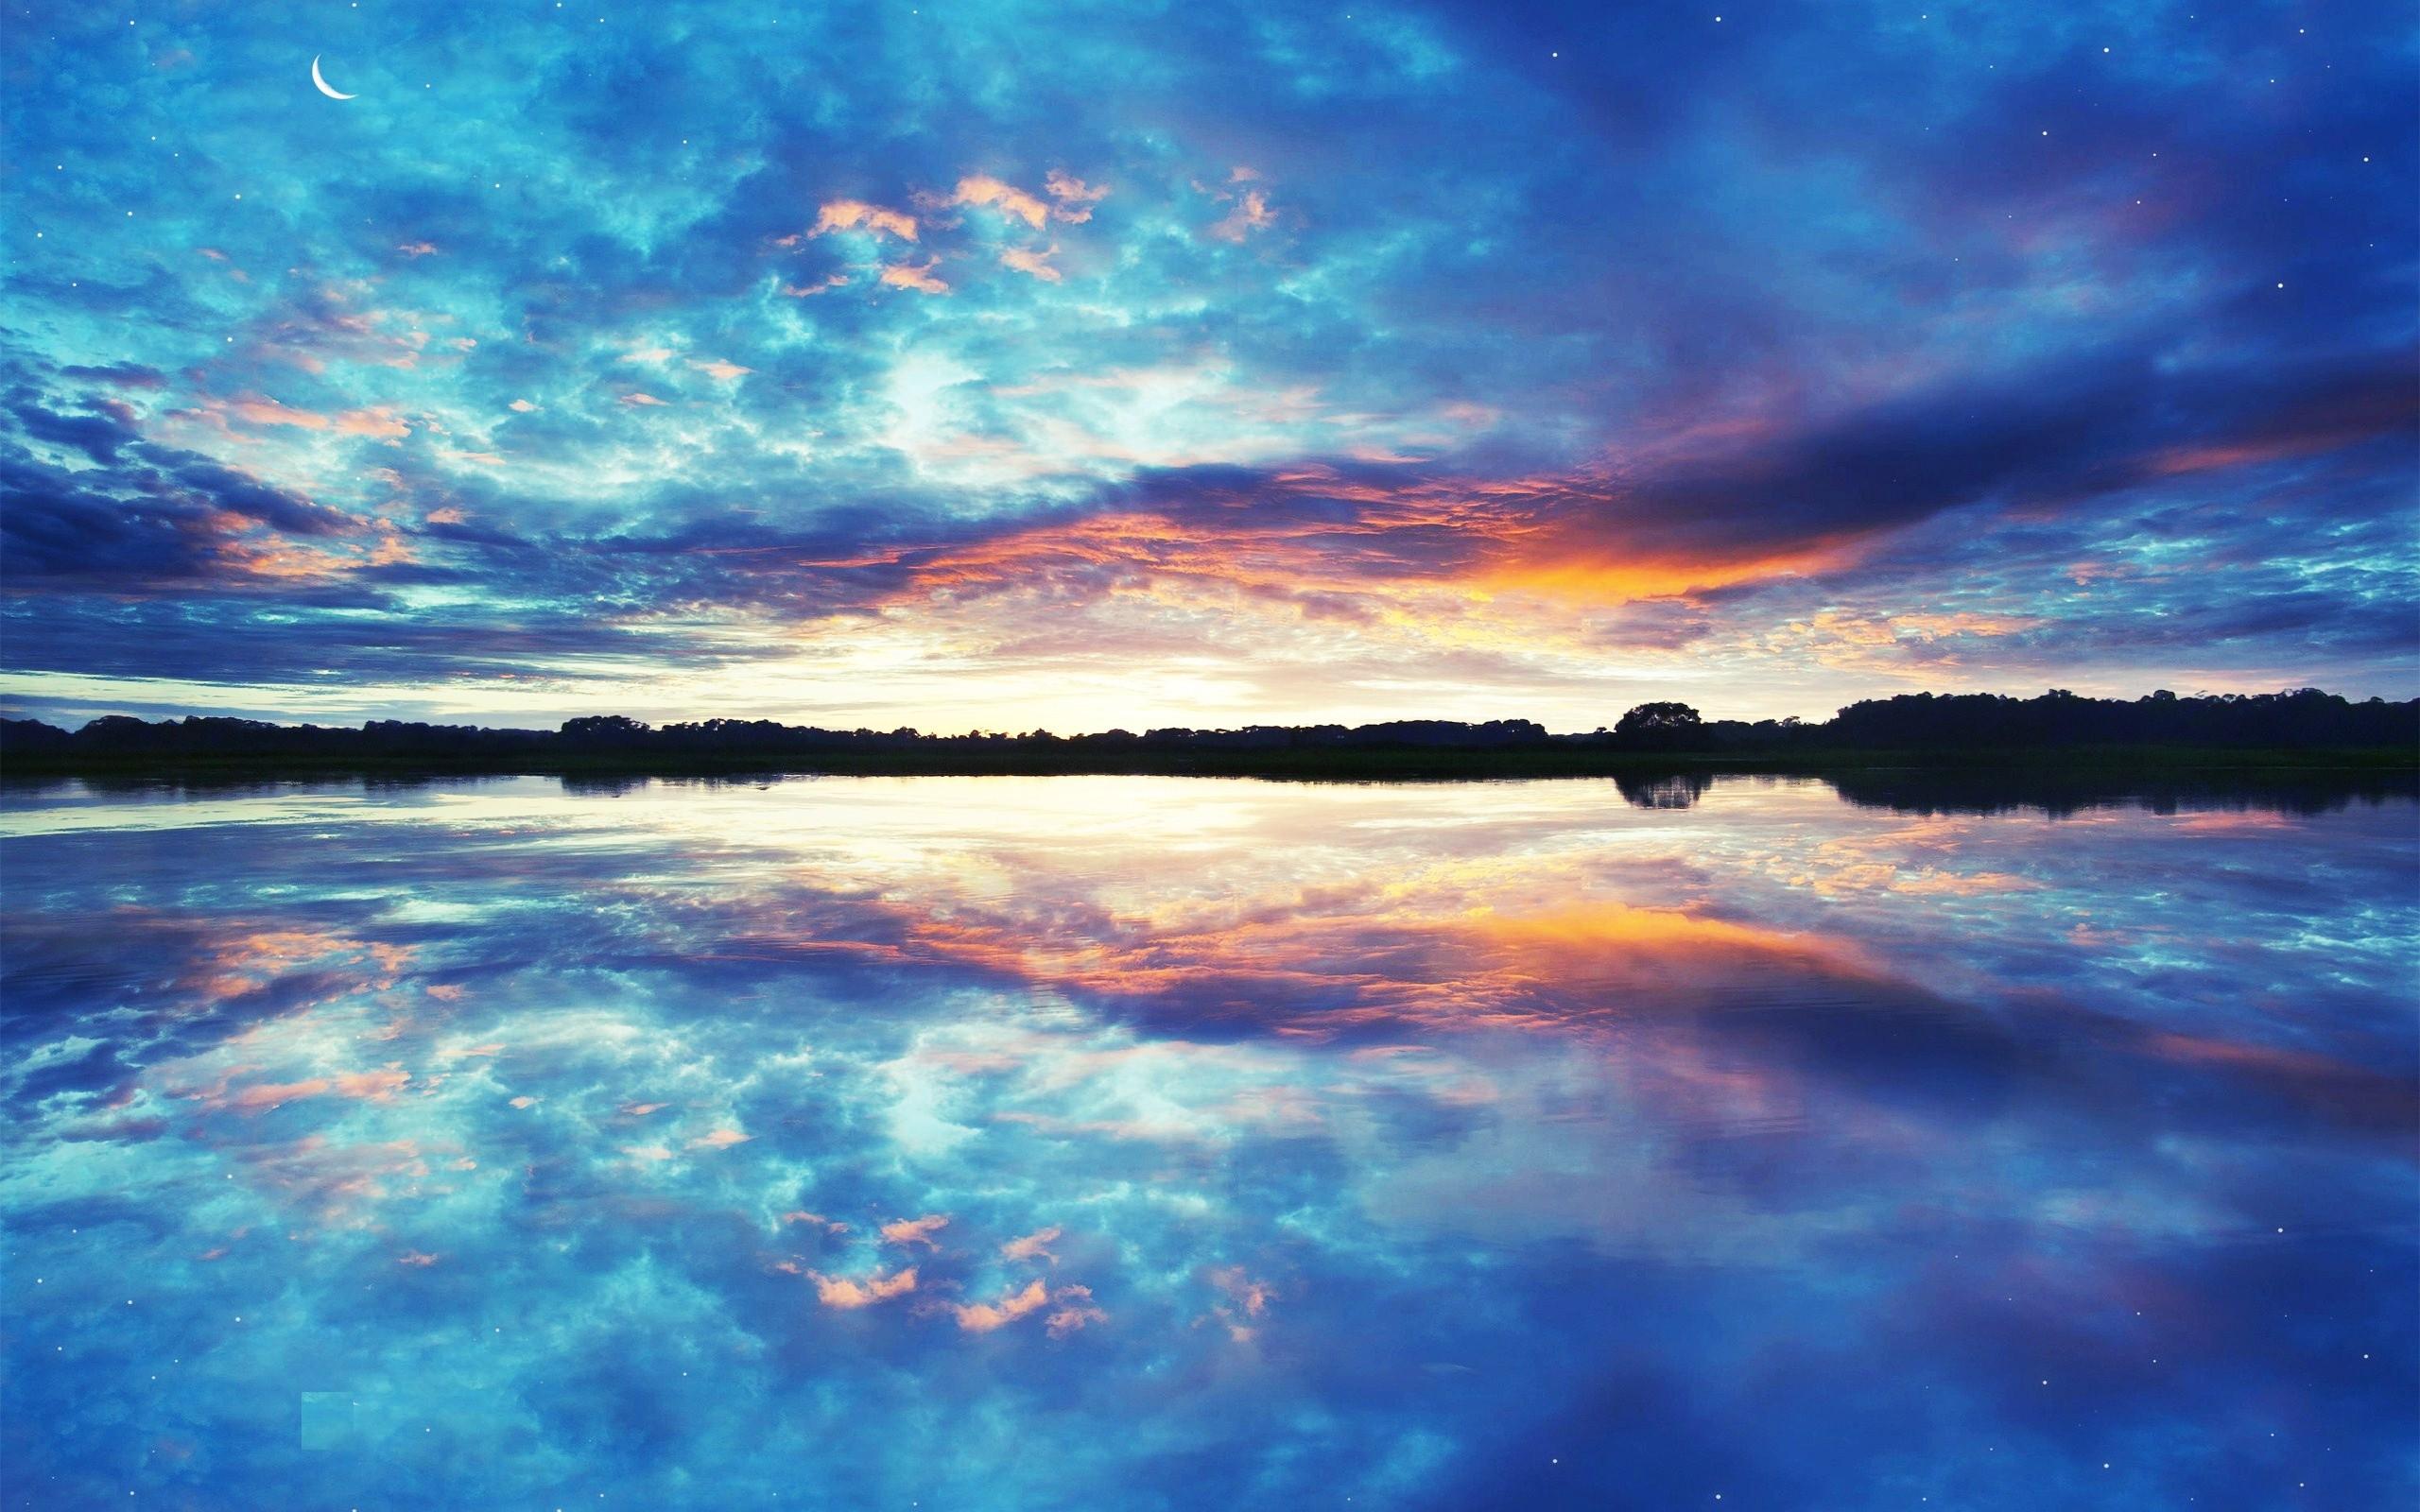 Water reflection wallpaper 67 images - Aquatic wallpaper ...